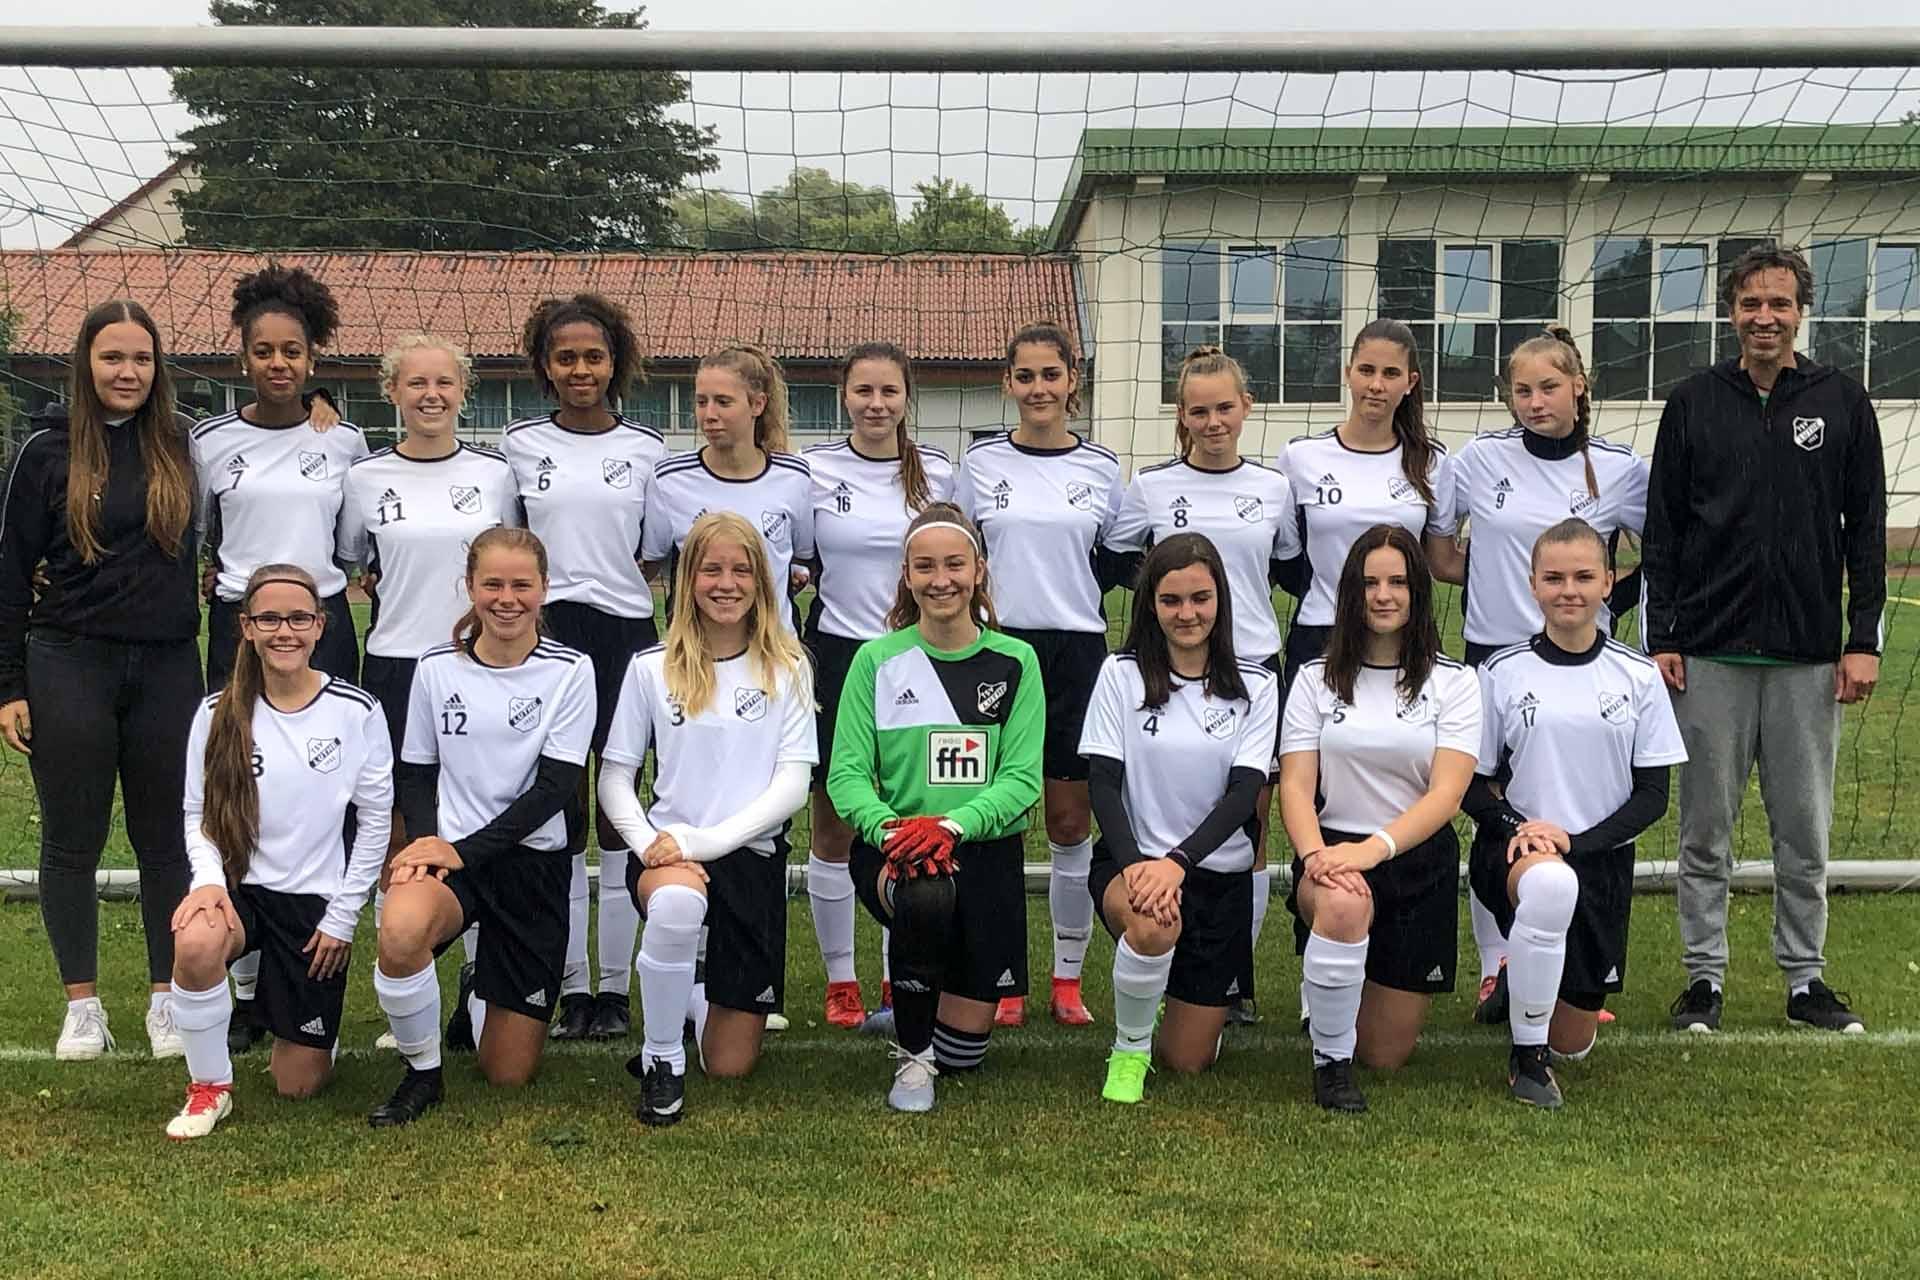 Die Frauen des TSV Luthe starten als Bezirksligist in die Saison 2020/21